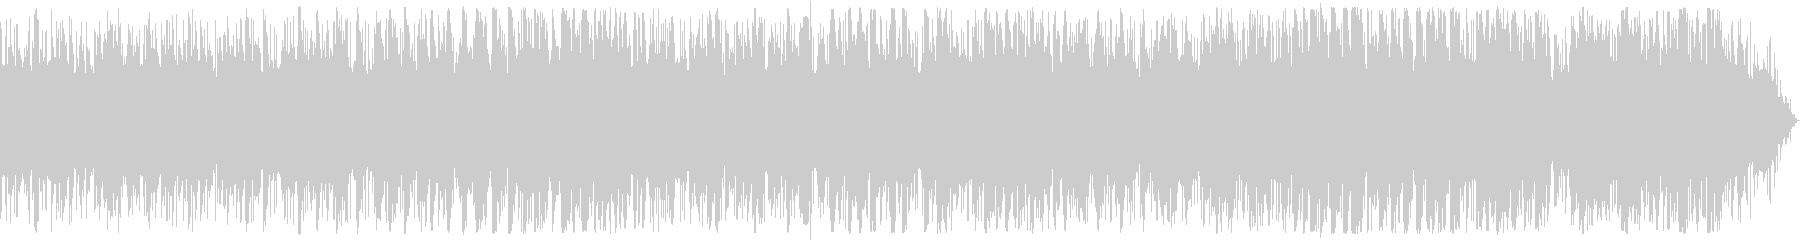 ピアノとノイズ音のエレクトロニカAの未再生の波形